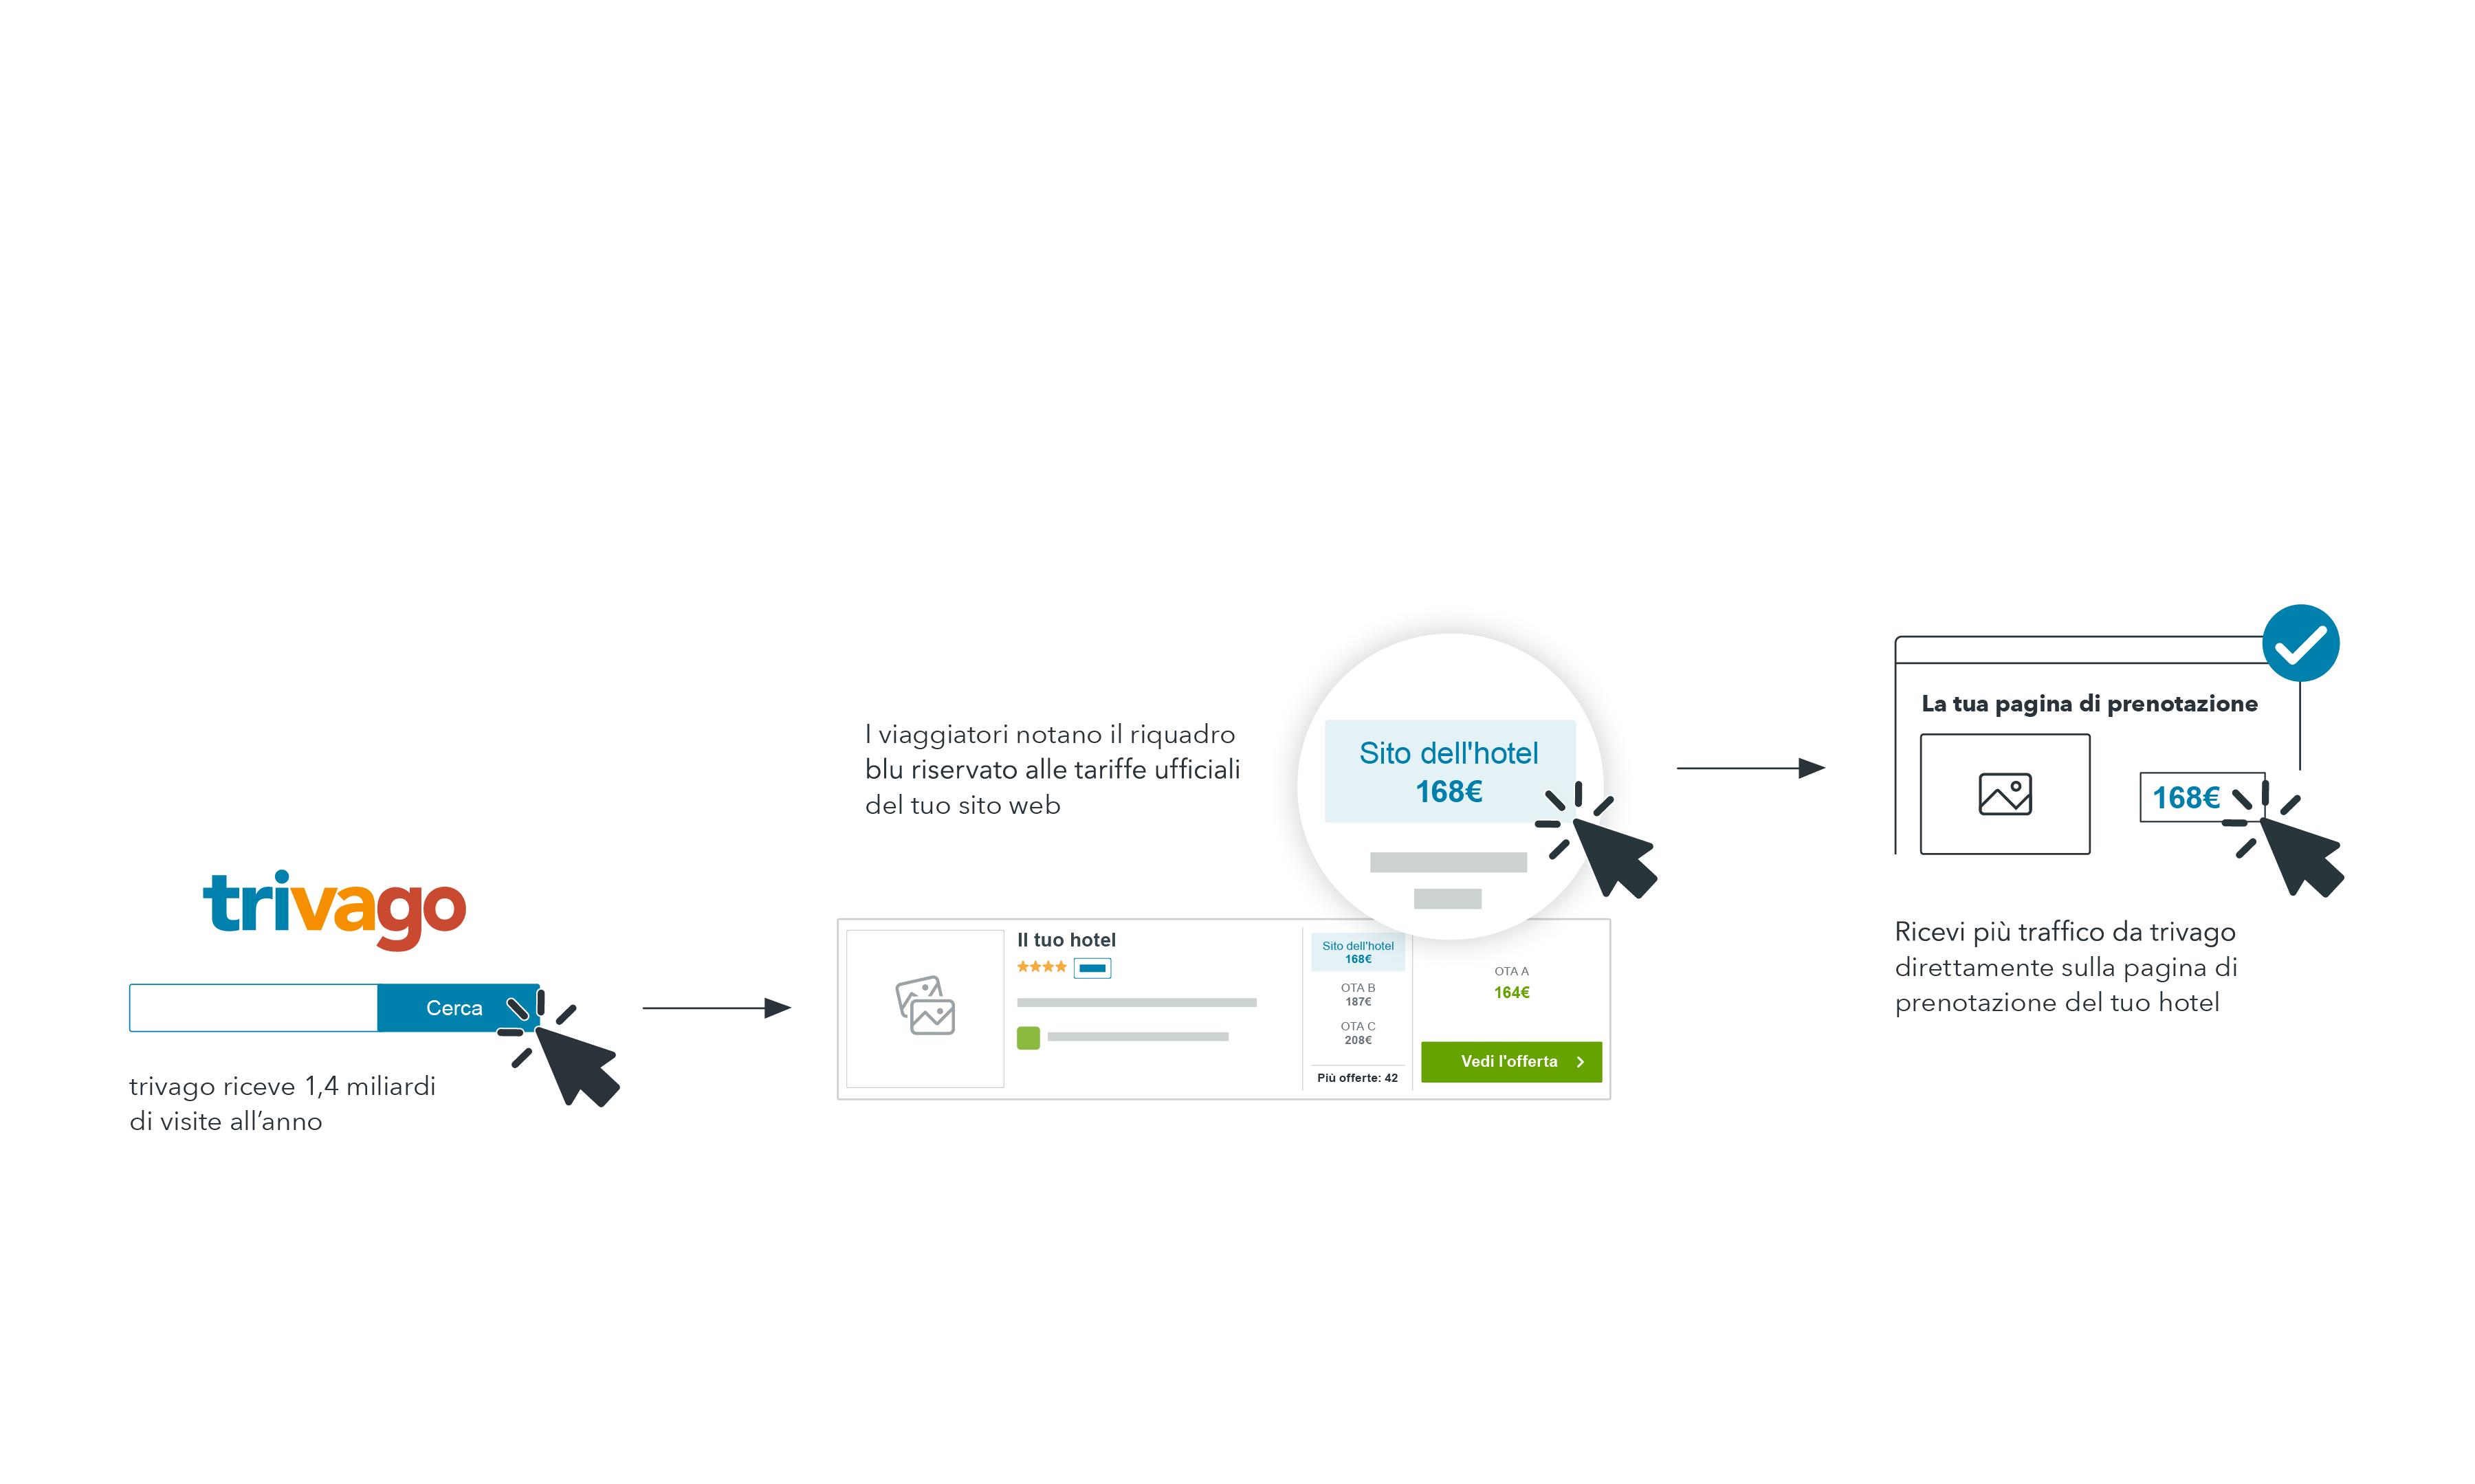 Infografica del mix di distribuzione, con tariffa nel riquadro blu del profilo trivago e percorso di prenotazione diretta